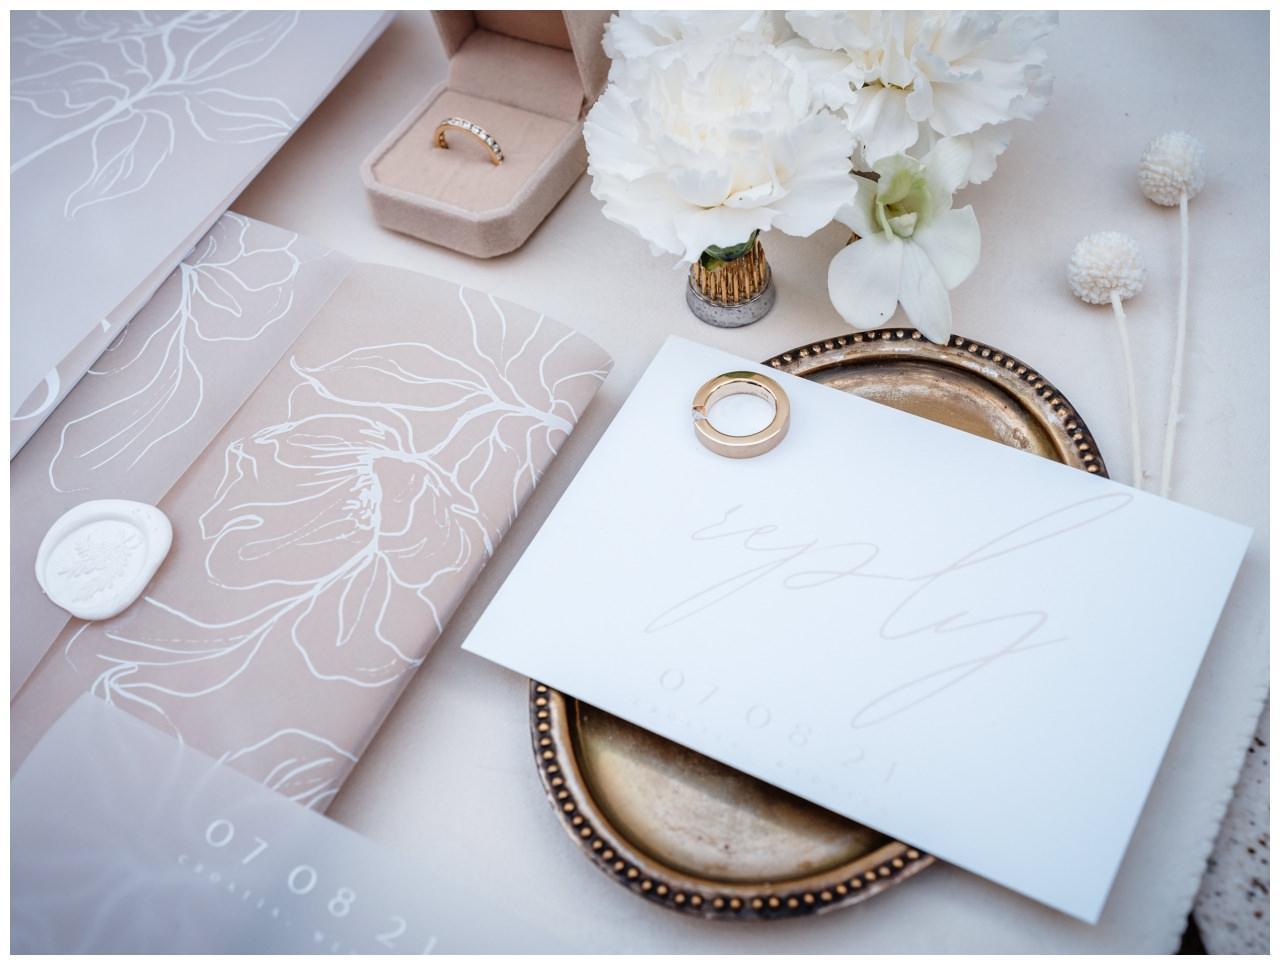 Hochzeitspapeterie Einladungskarte Einladung Hochzeit Flatlay Fotograf 3 - Eure Einladung als Flatlay inszeniert